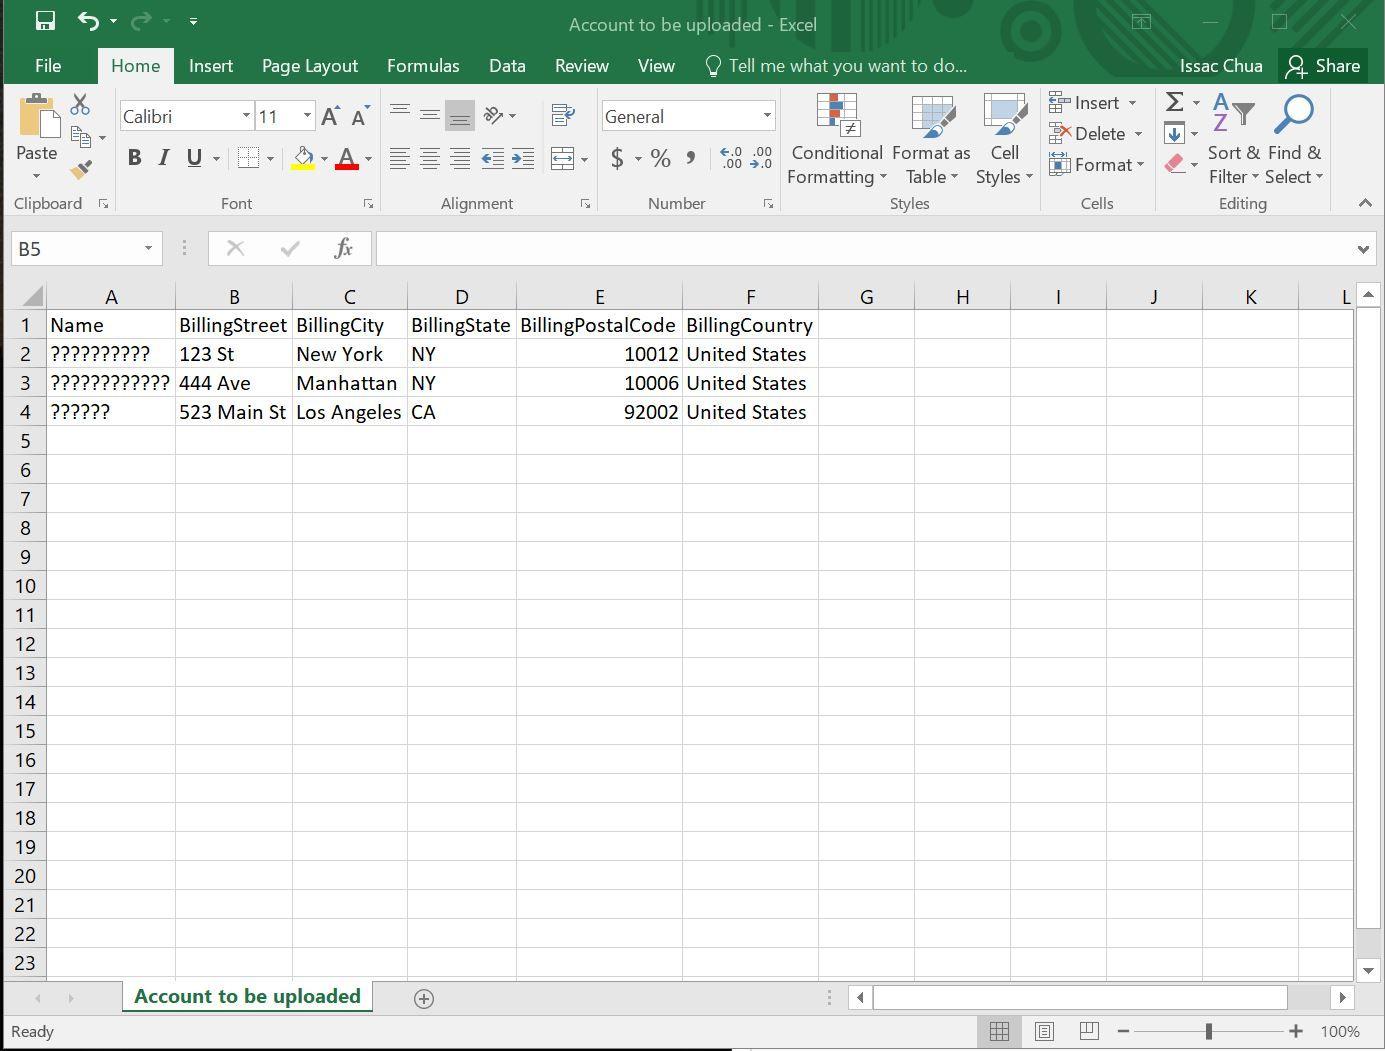 data-loader-csv-file-screwed